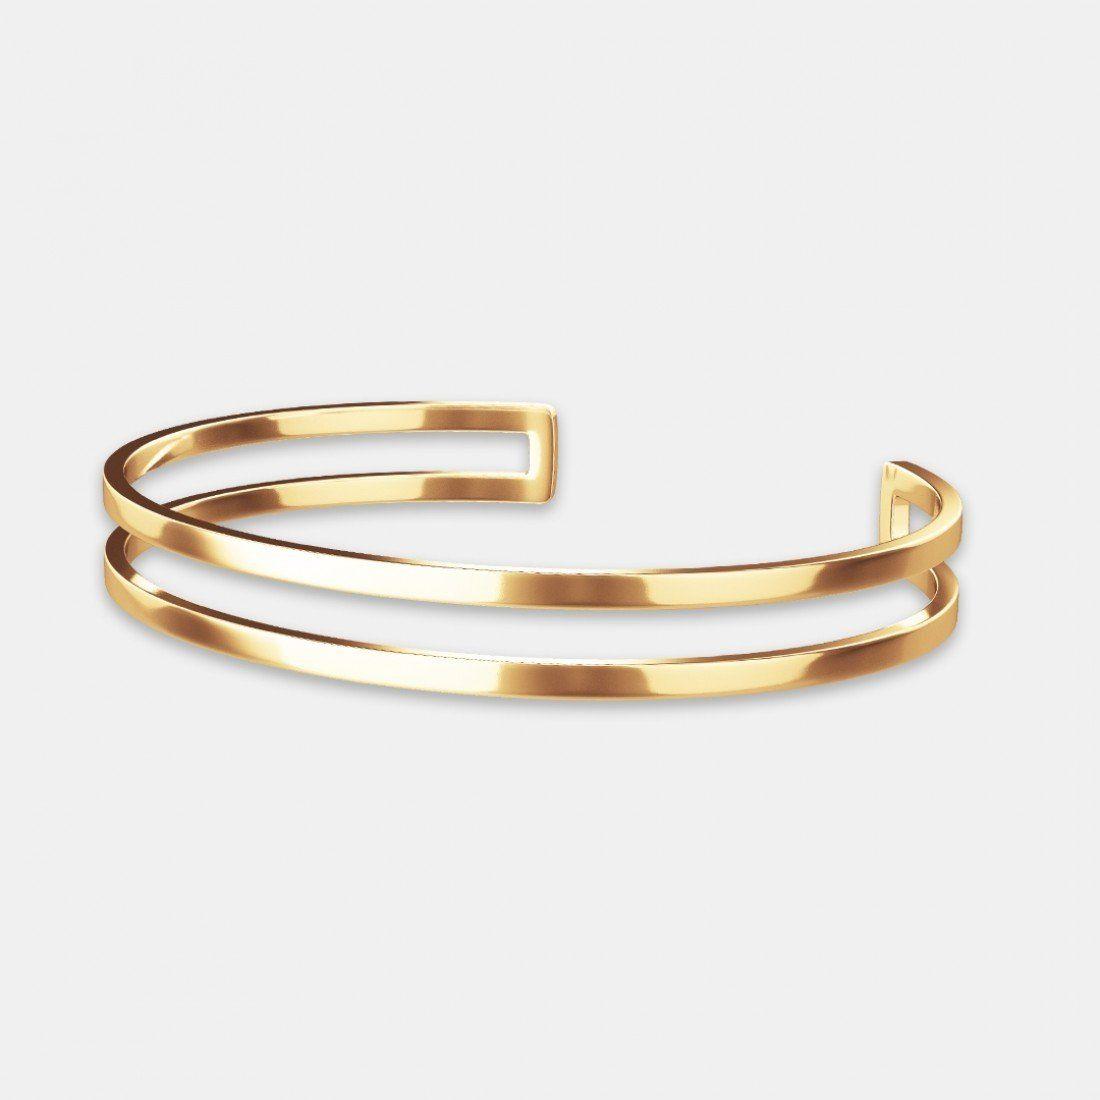 Dual Bangle Polished - Women's bracelets - Bracelets | Waldor & Co. |  Bangles, Beautiful watches, Womens bracelets